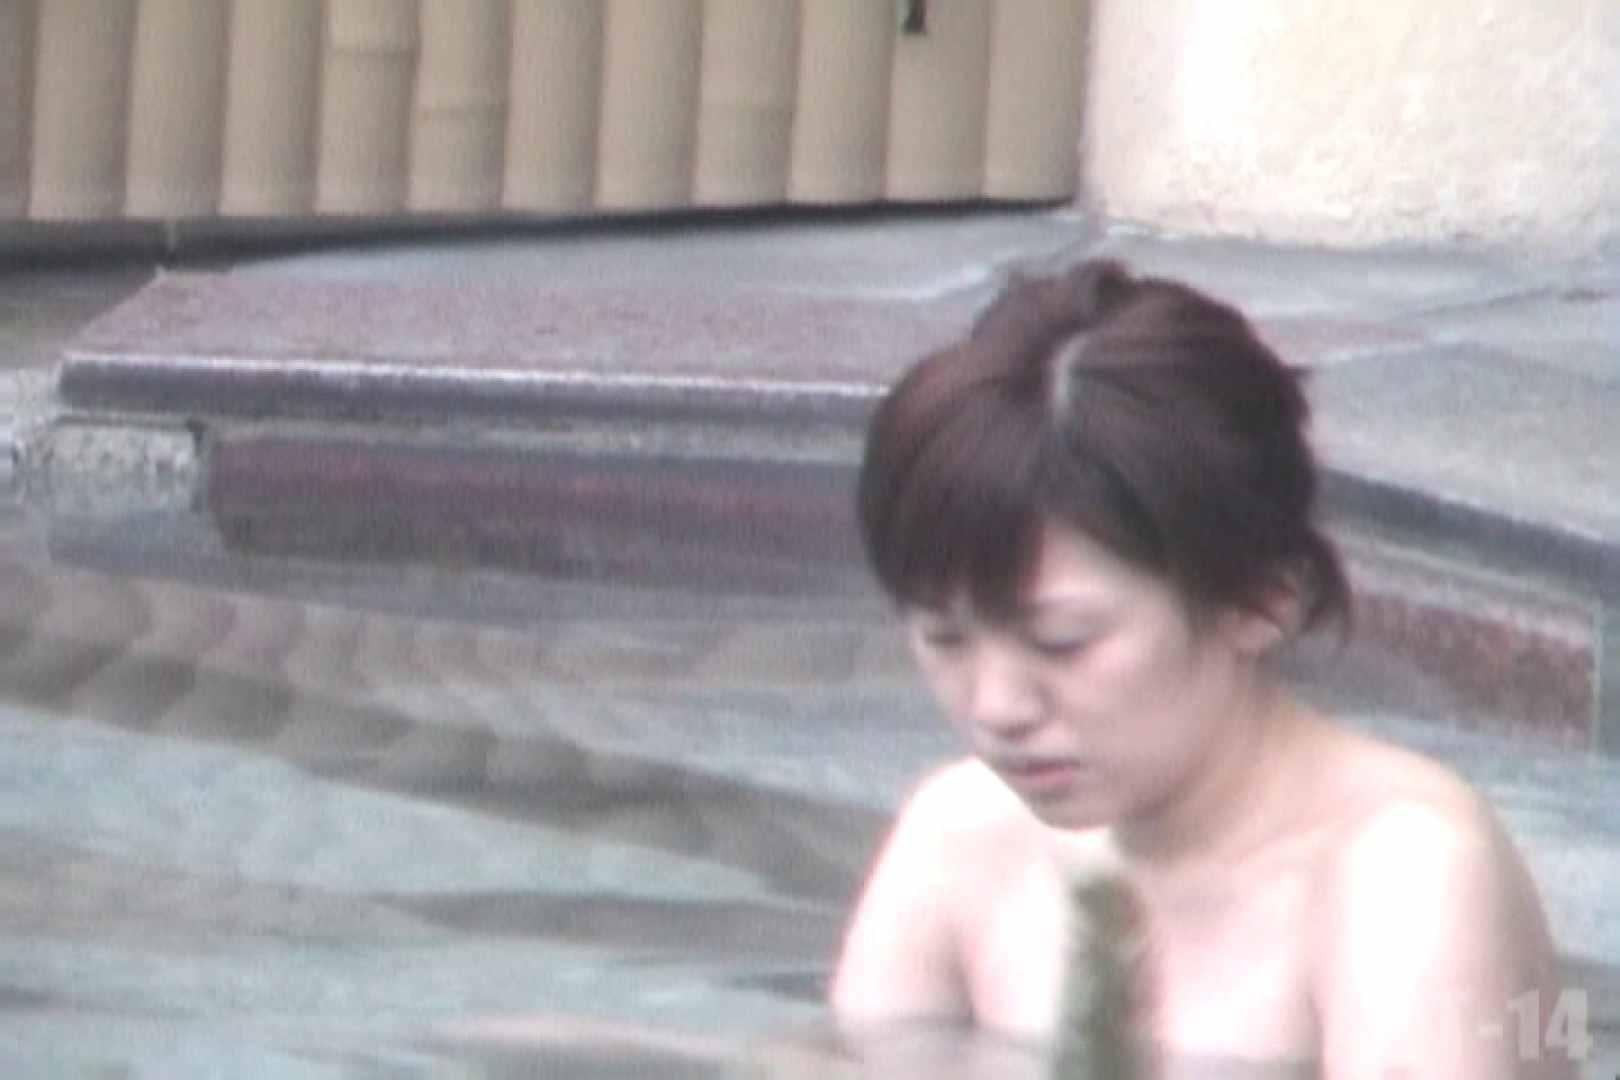 Aquaな露天風呂Vol.821 OLのエロ生活 隠し撮りオマンコ動画紹介 73連発 56